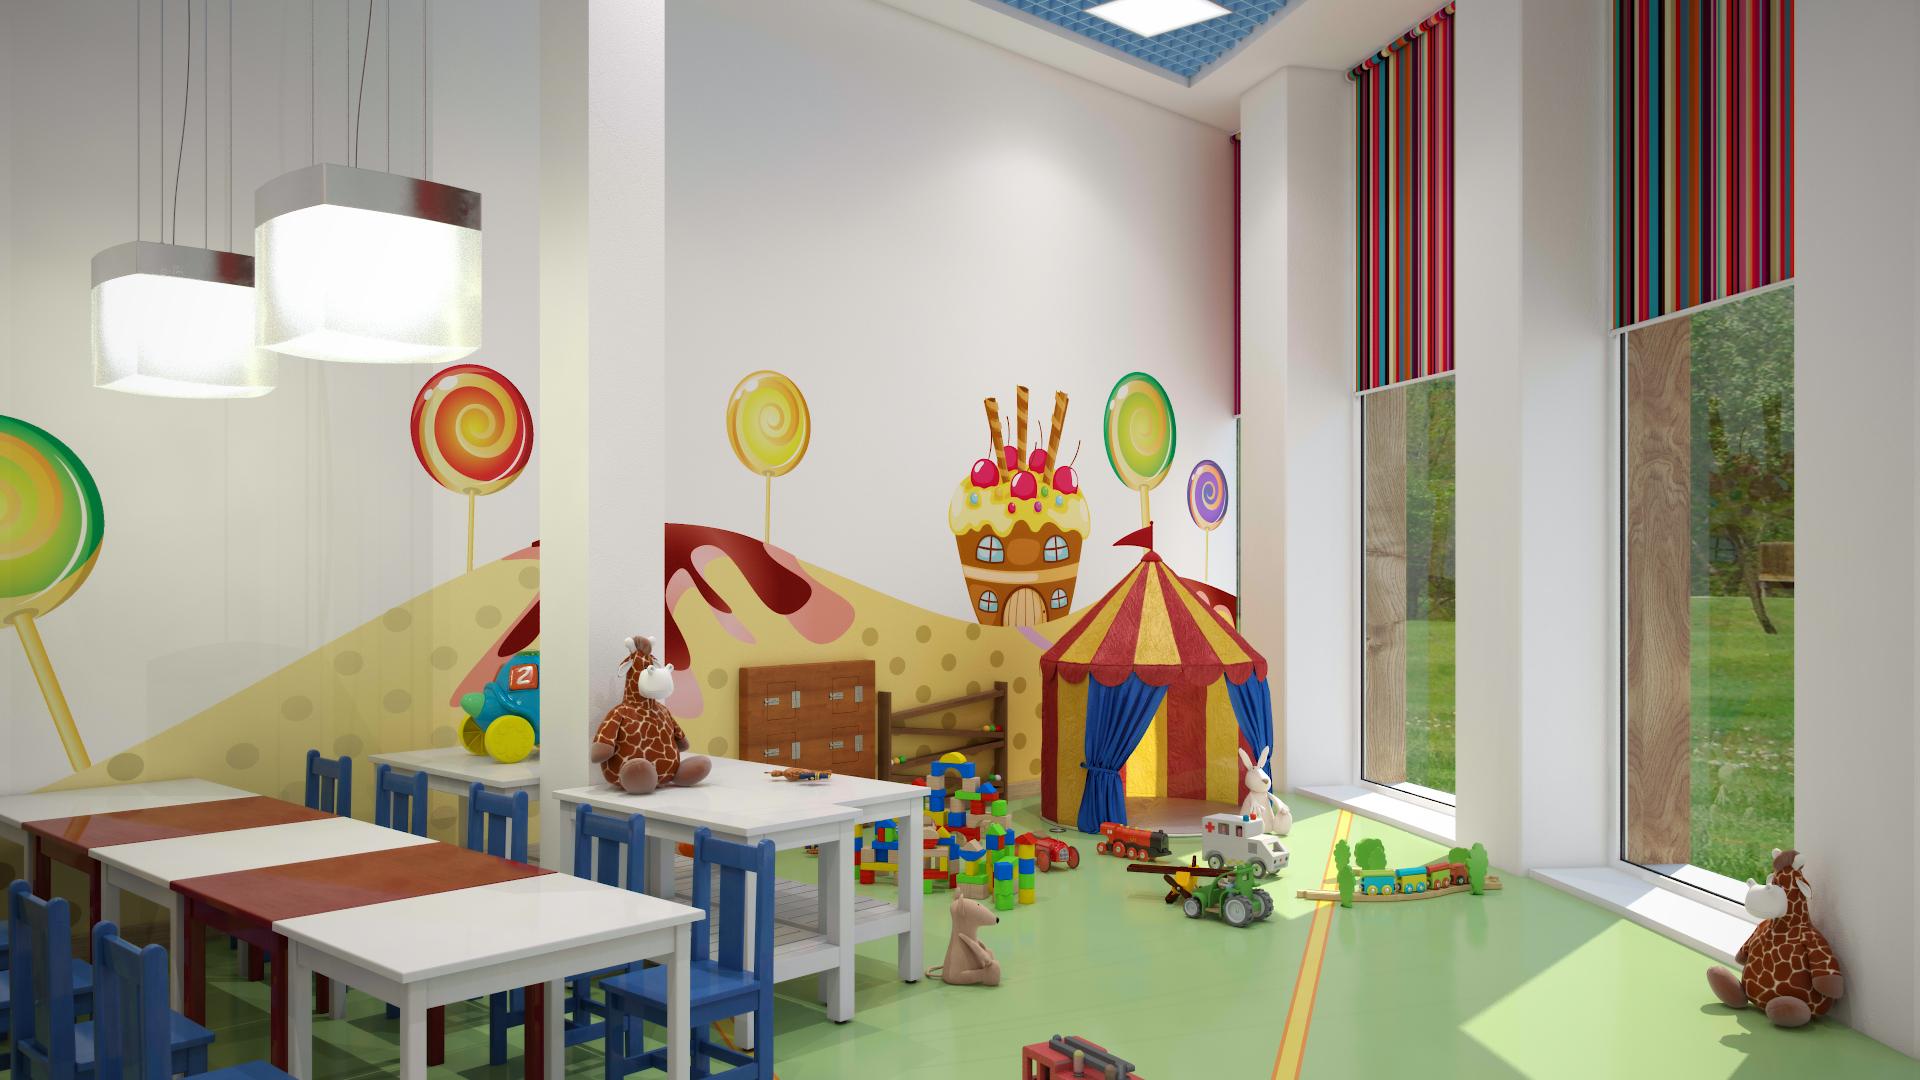 Дизайн детских садов в фотографиях